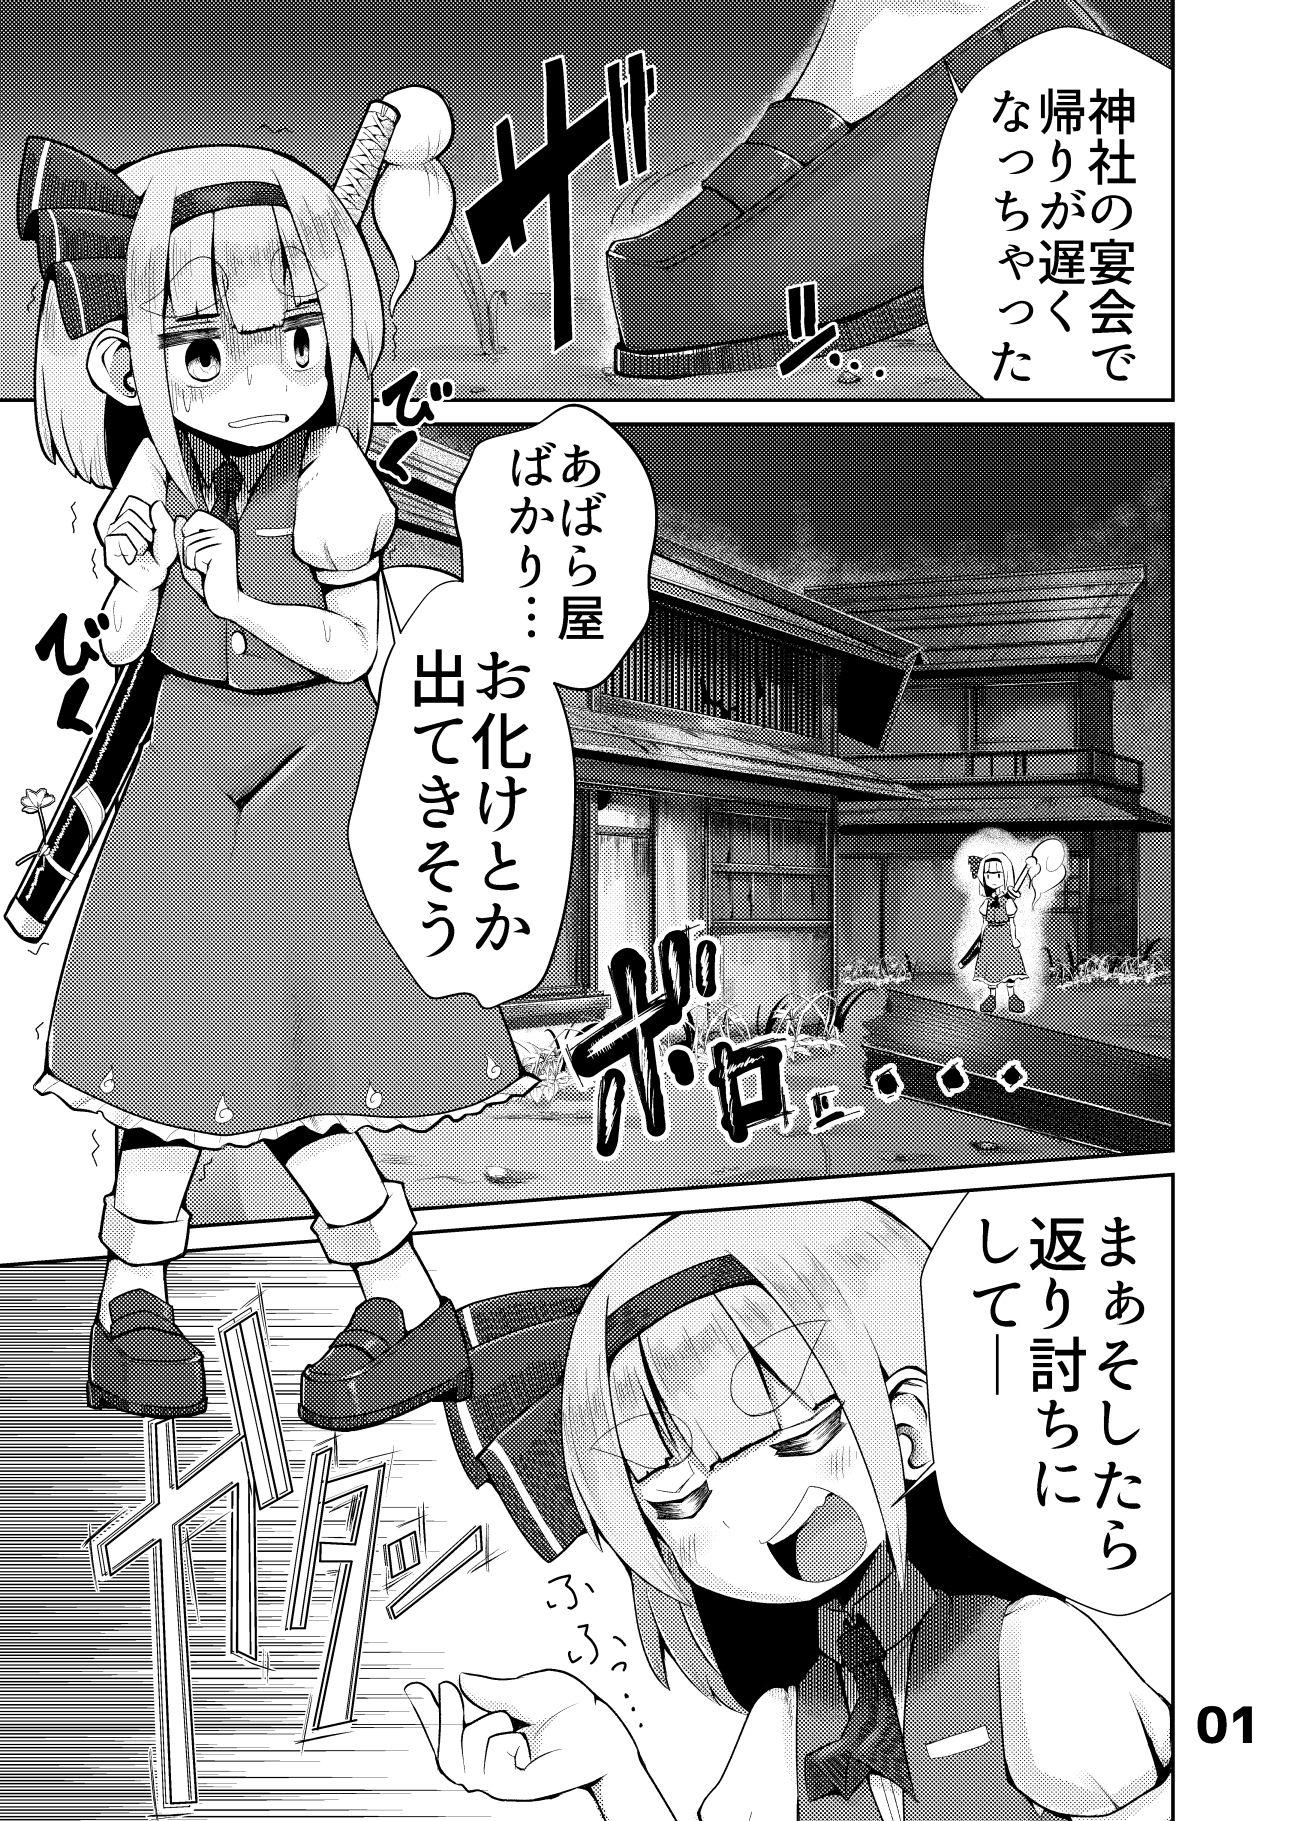 妖夢vsエロ触手